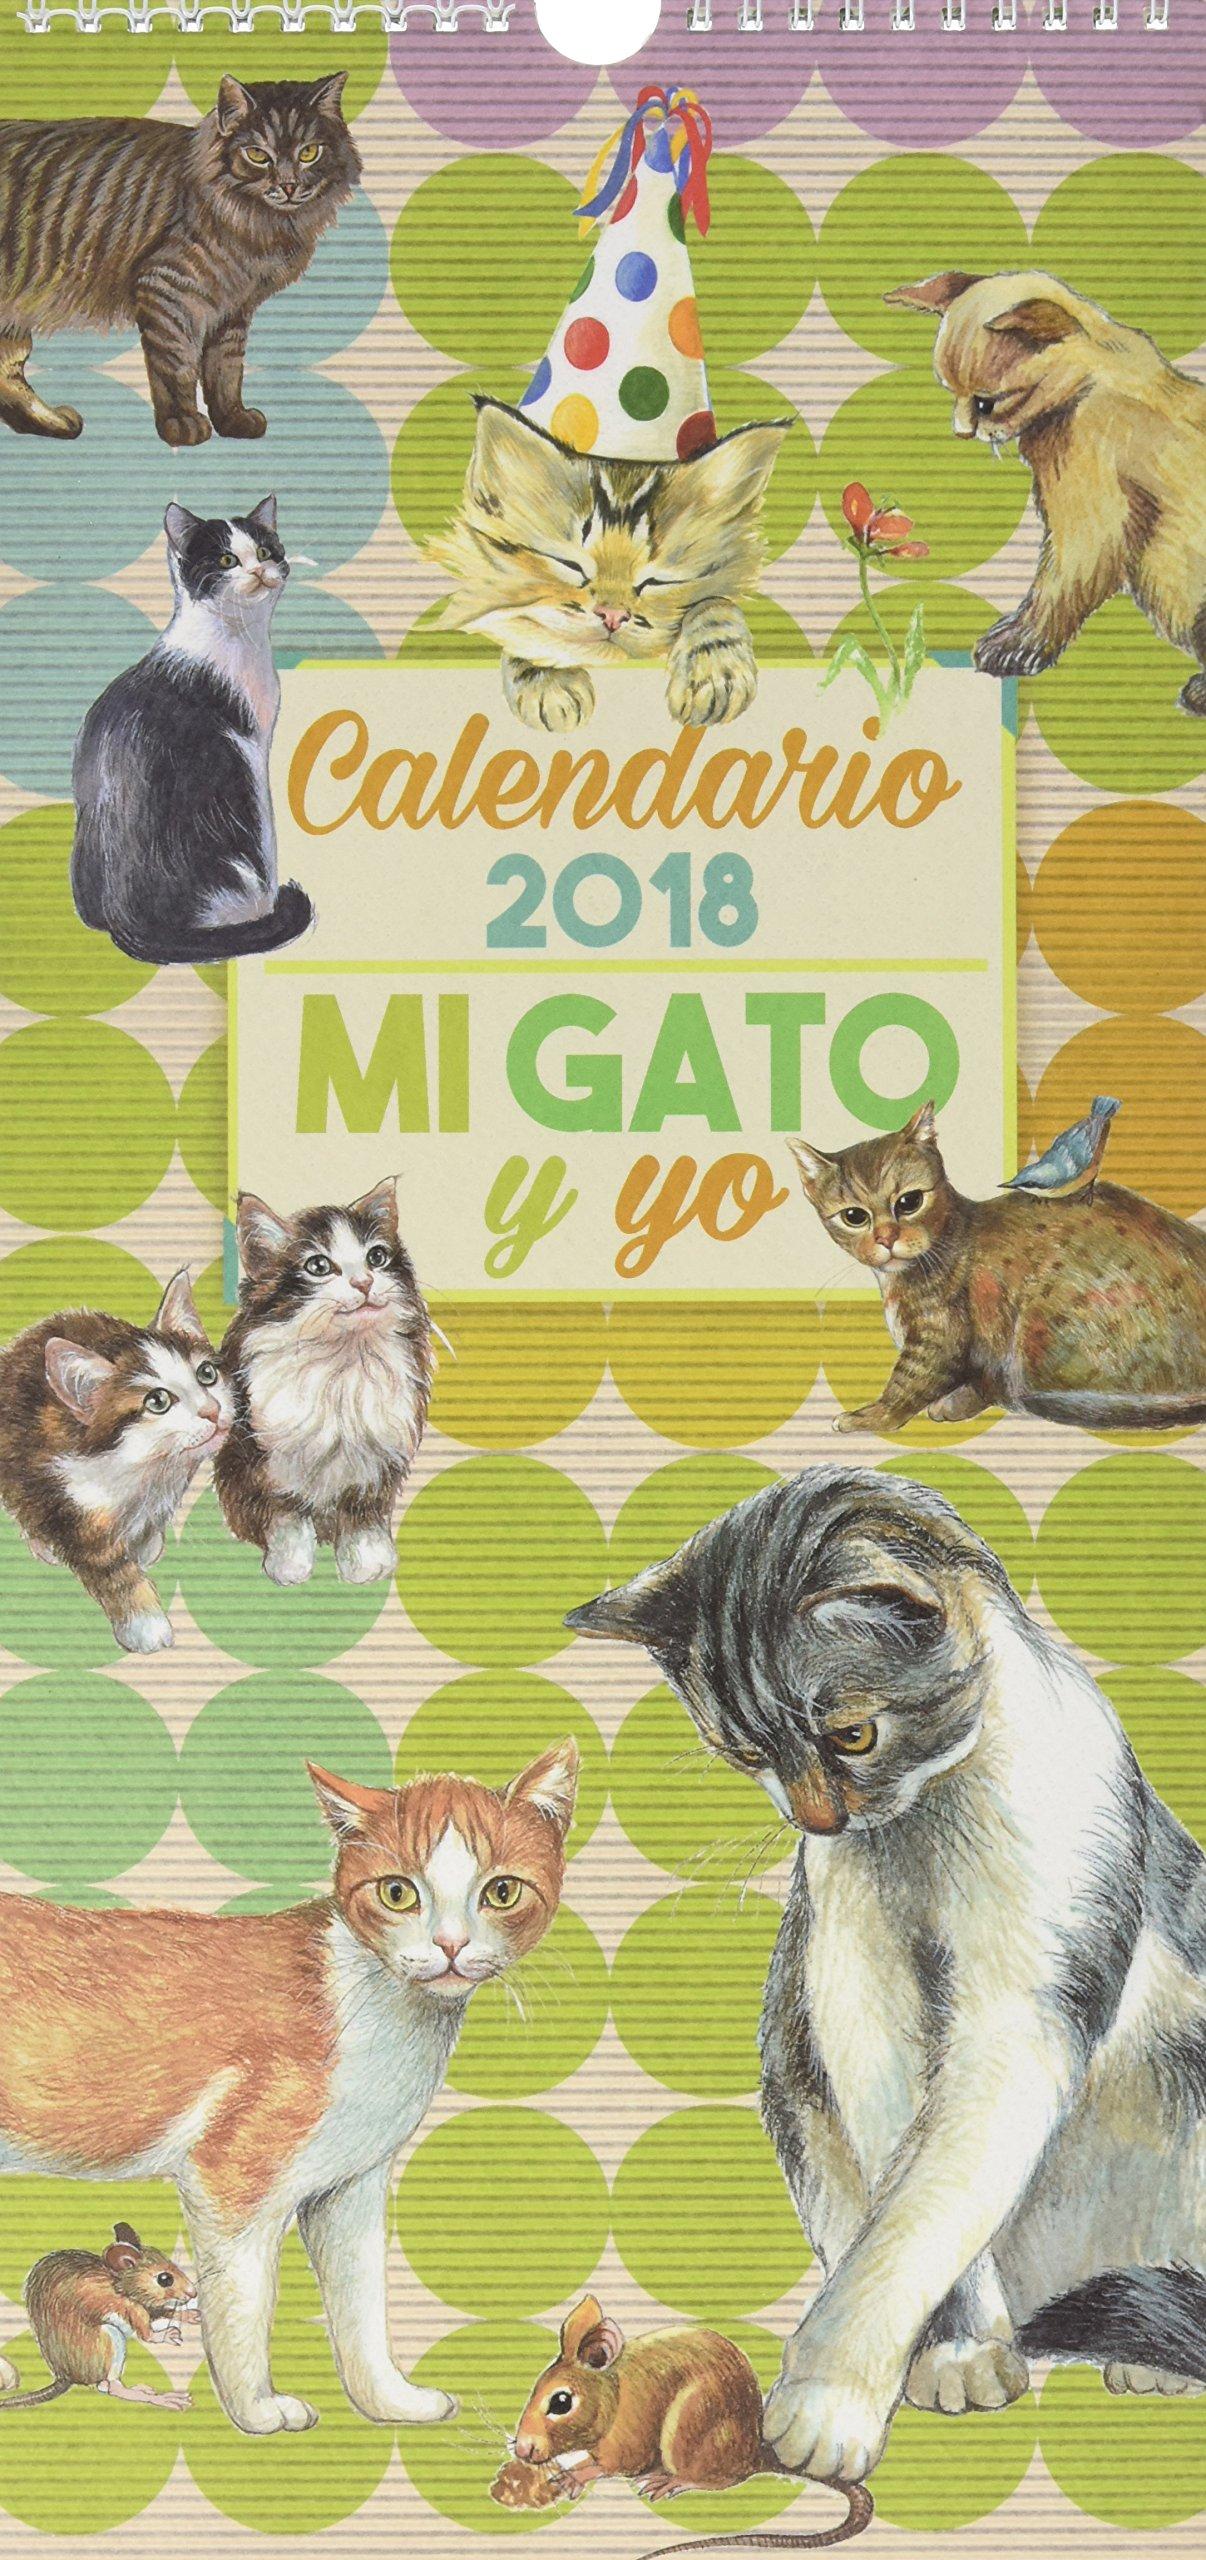 CALENDARIO MI GATO Y YO 2018 (Spanish) Paperback